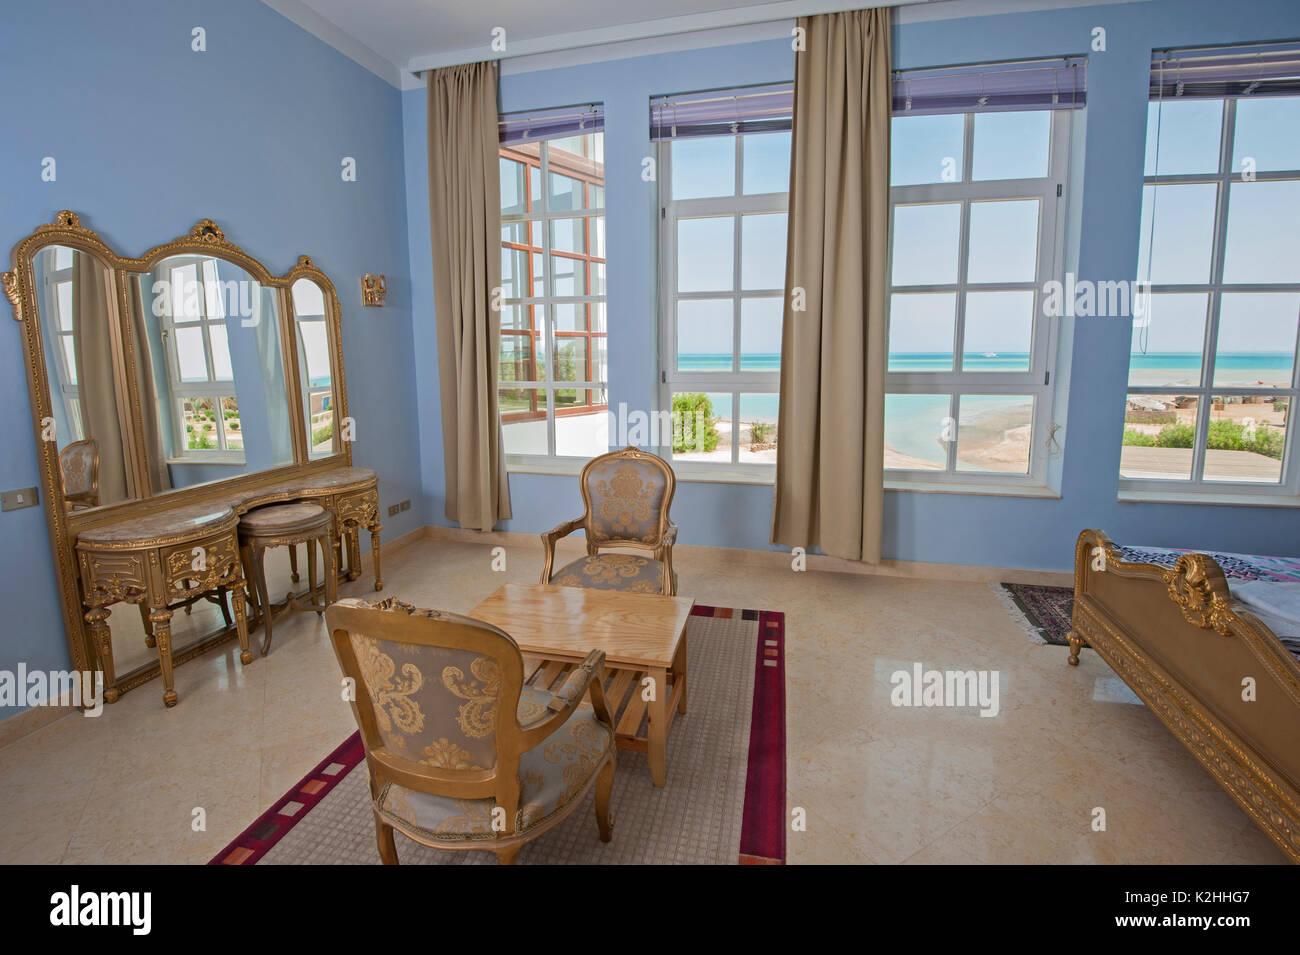 Interior Design Einrichtung Einrichtung Von Luxus Zeigen Home Schlafzimmer  Mit Tropischen Meerblick Mit Verzierten Schminktisch Und Spiegel